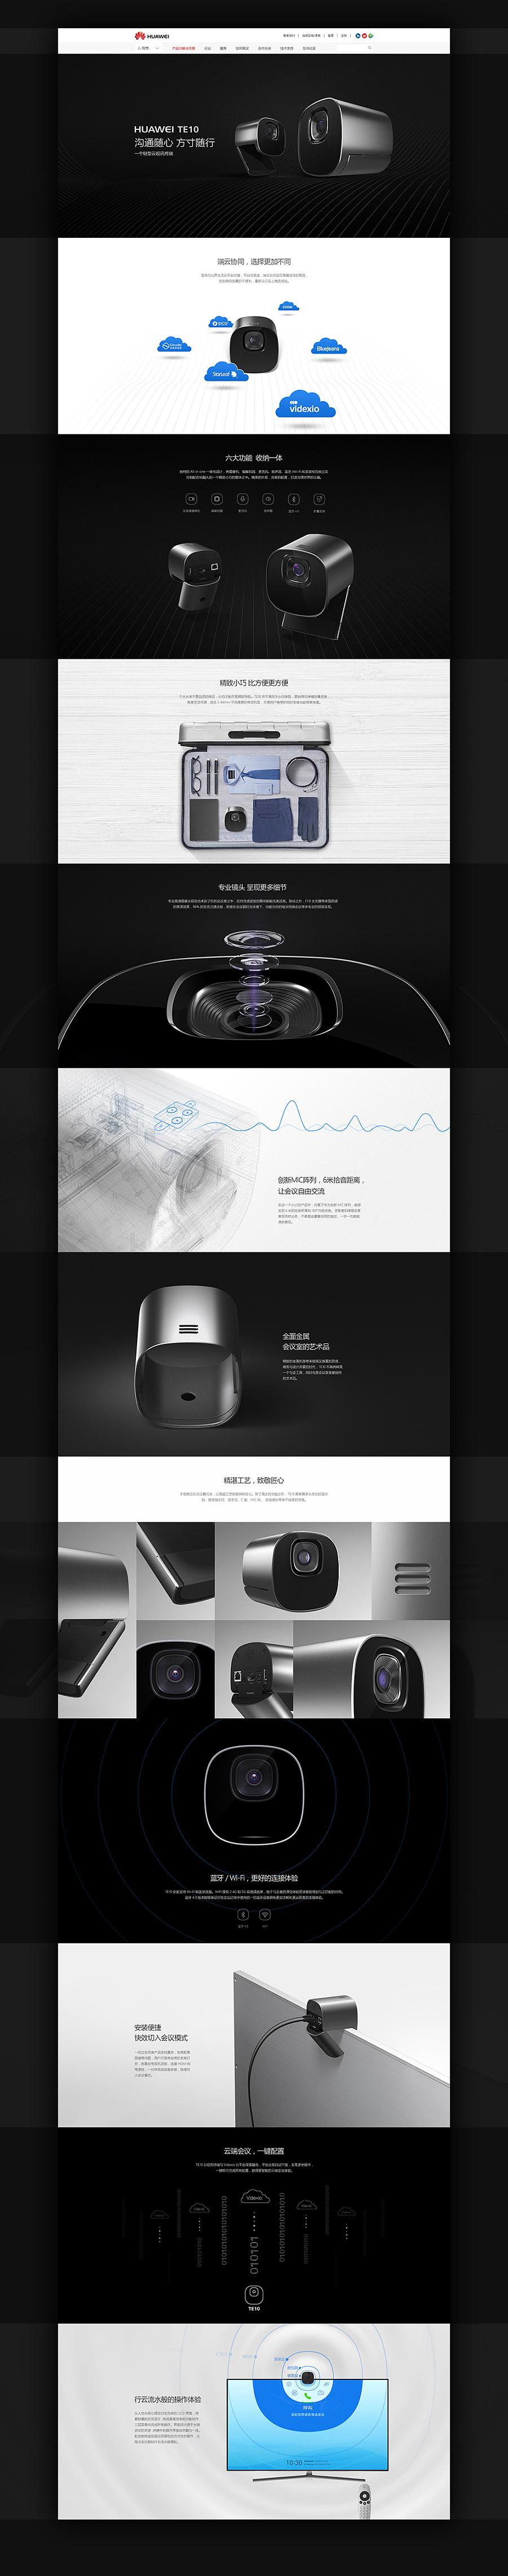 查看《华为视讯设备产品页》原图,原图尺寸:990x5016